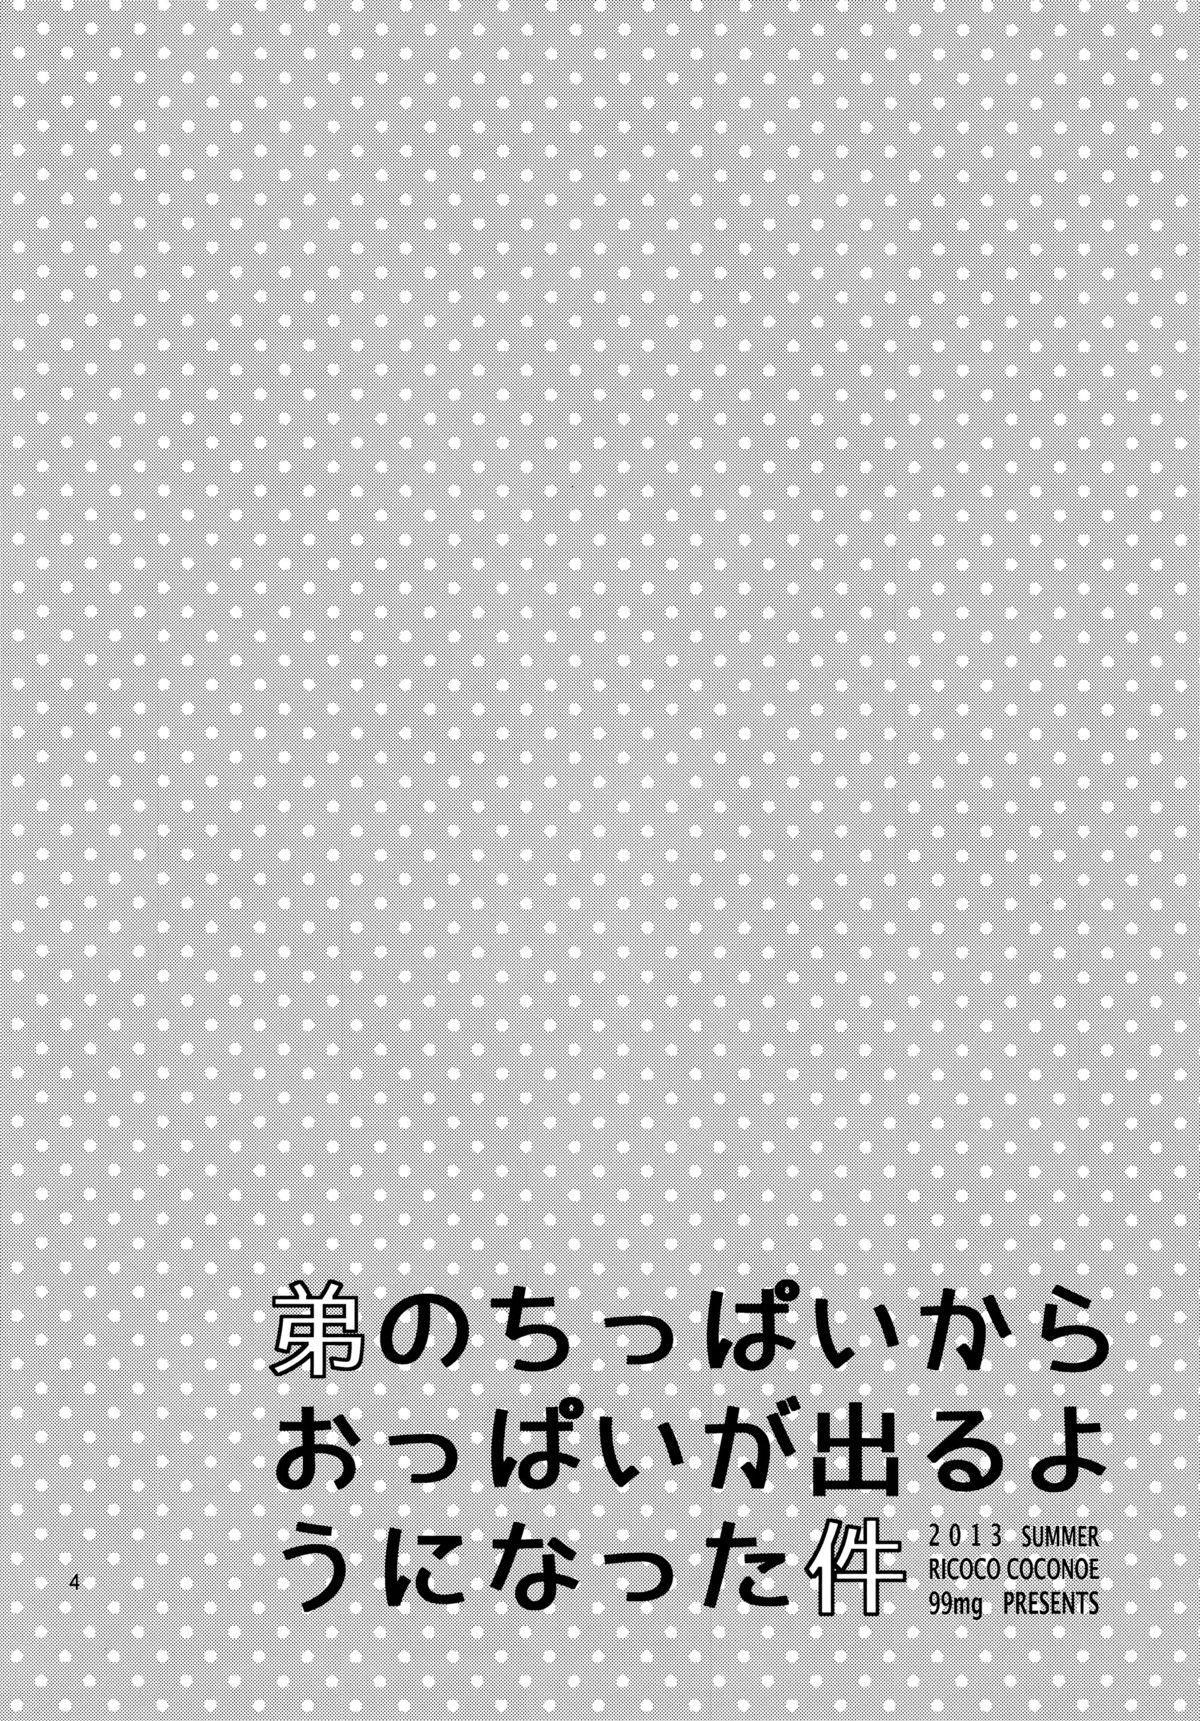 Otouto no Chippai kara Oppai ga Deru You ni Natta Ken 2